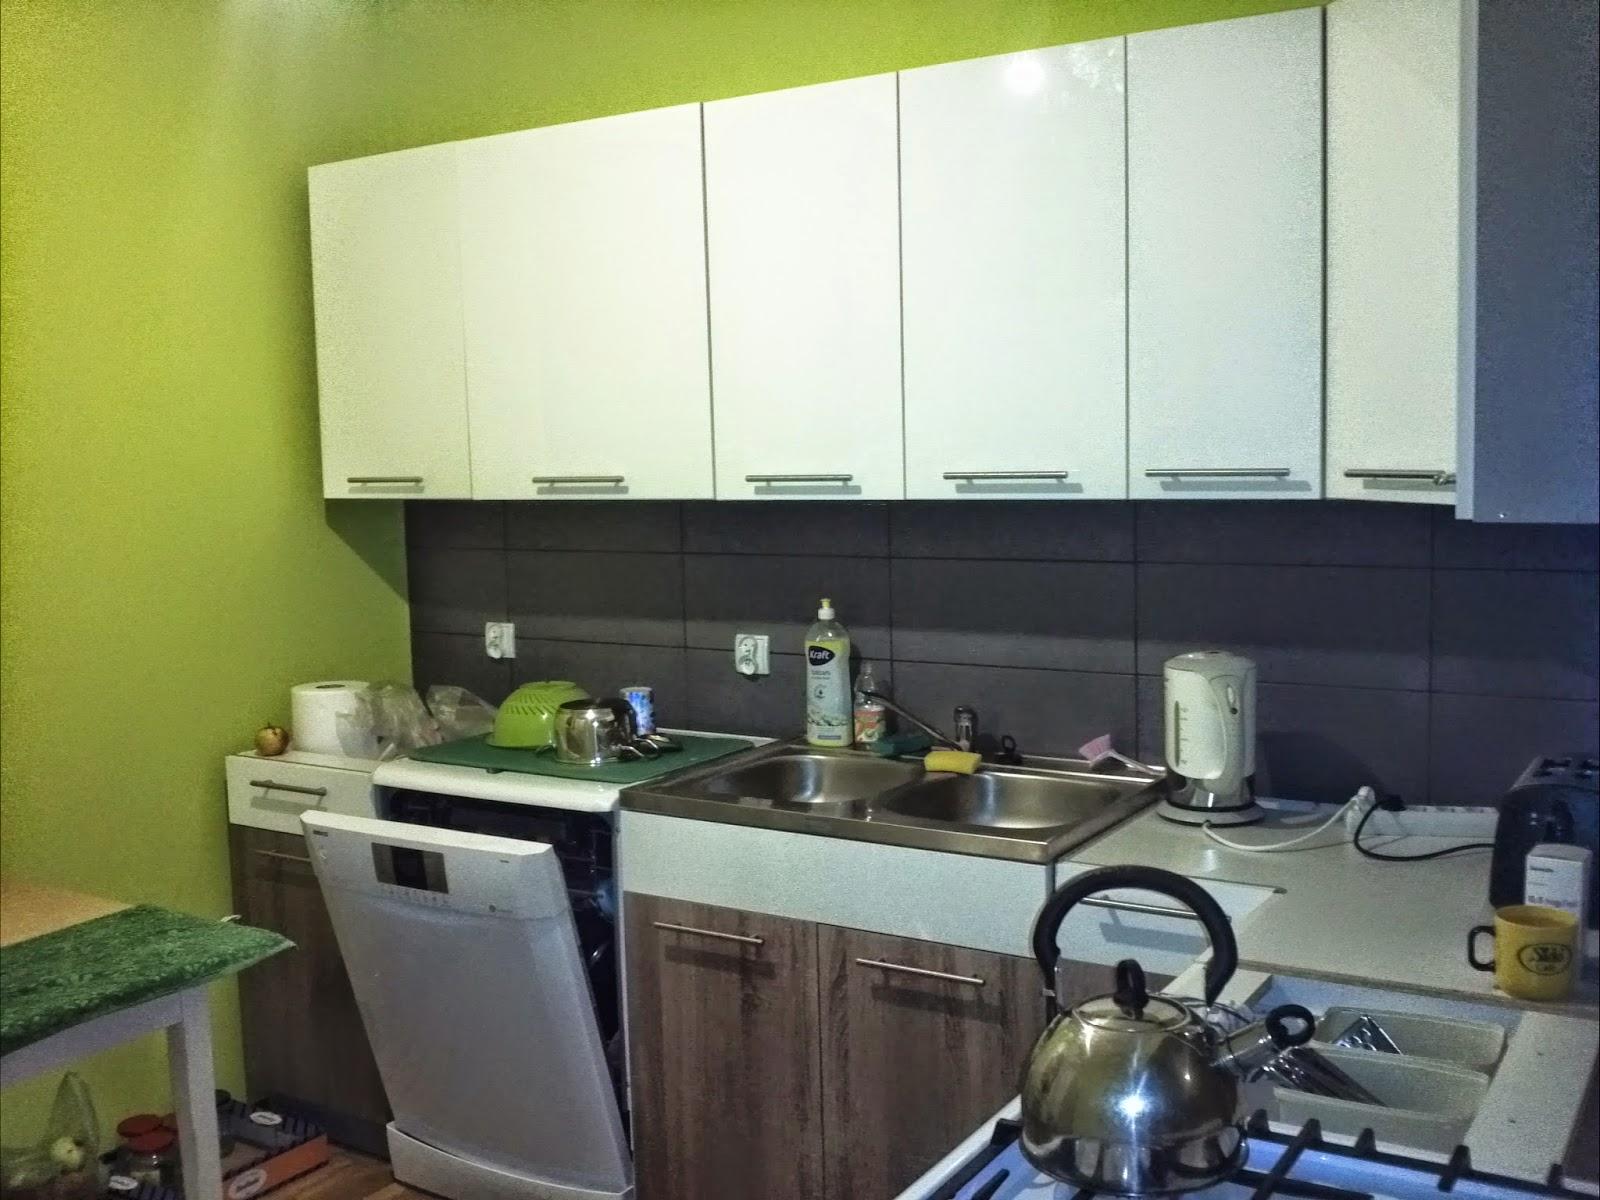 meble kuchenne, andrex, wystrój kuchni, zielono, szaro, biało